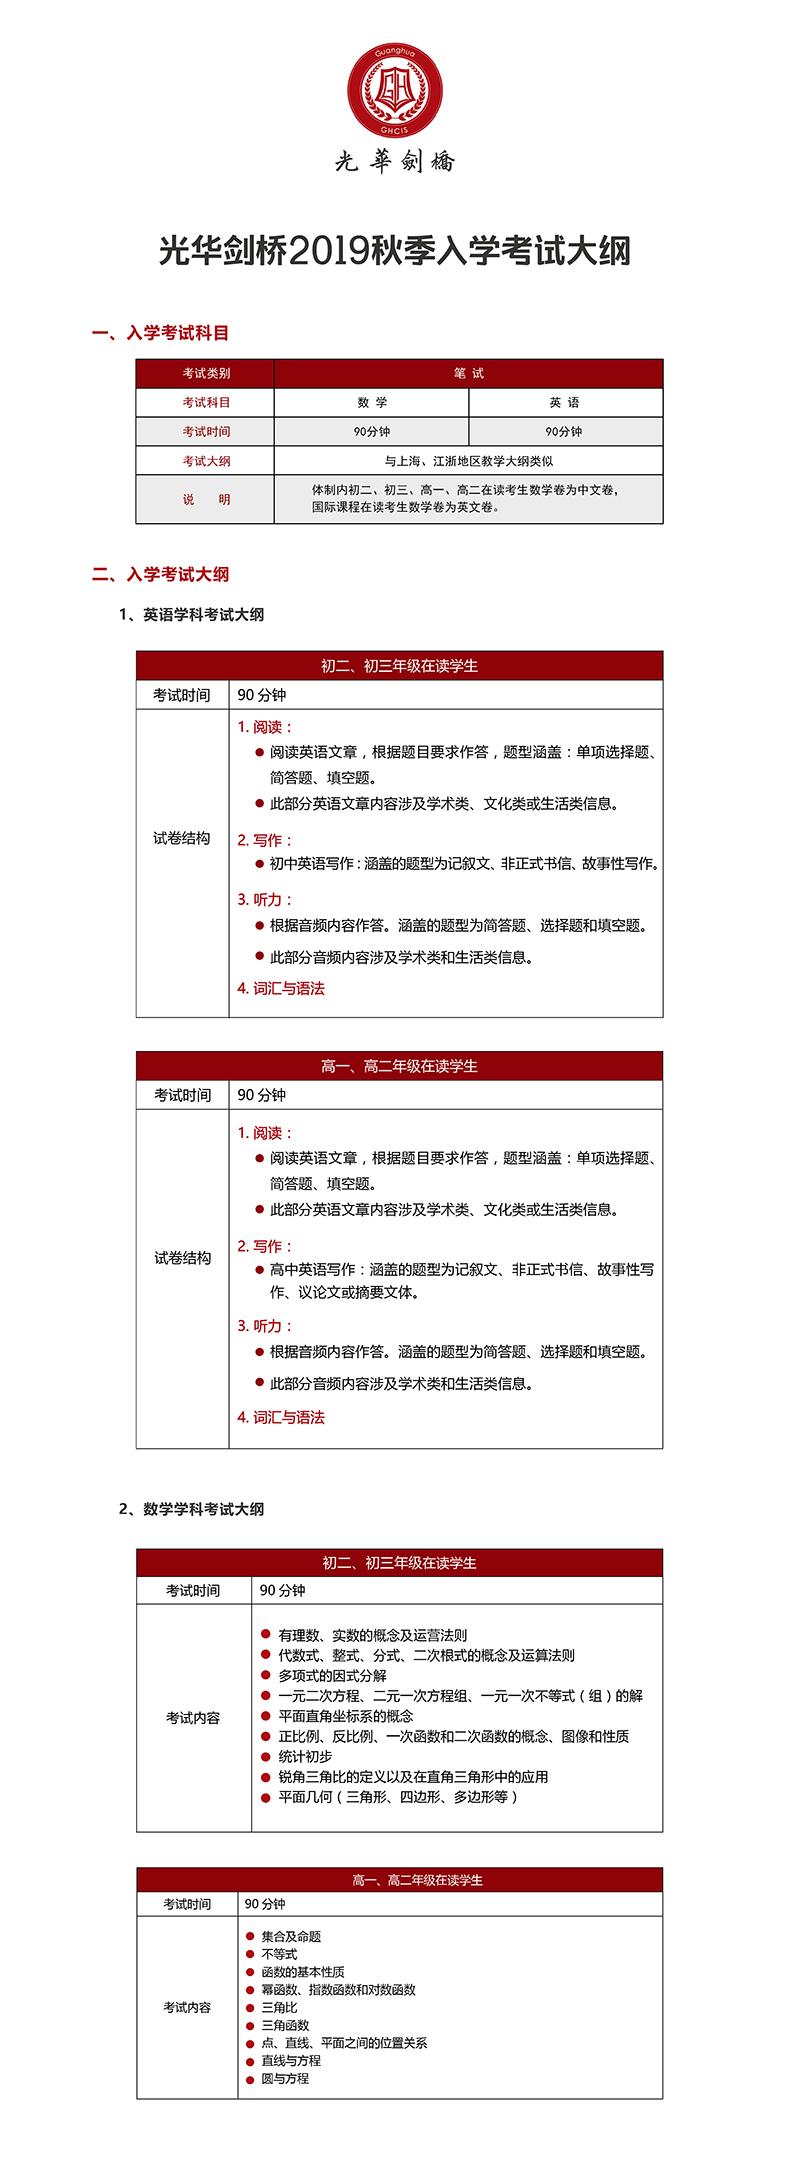 上海光华学院剑桥国际中心2019年秋季入学考试大纲